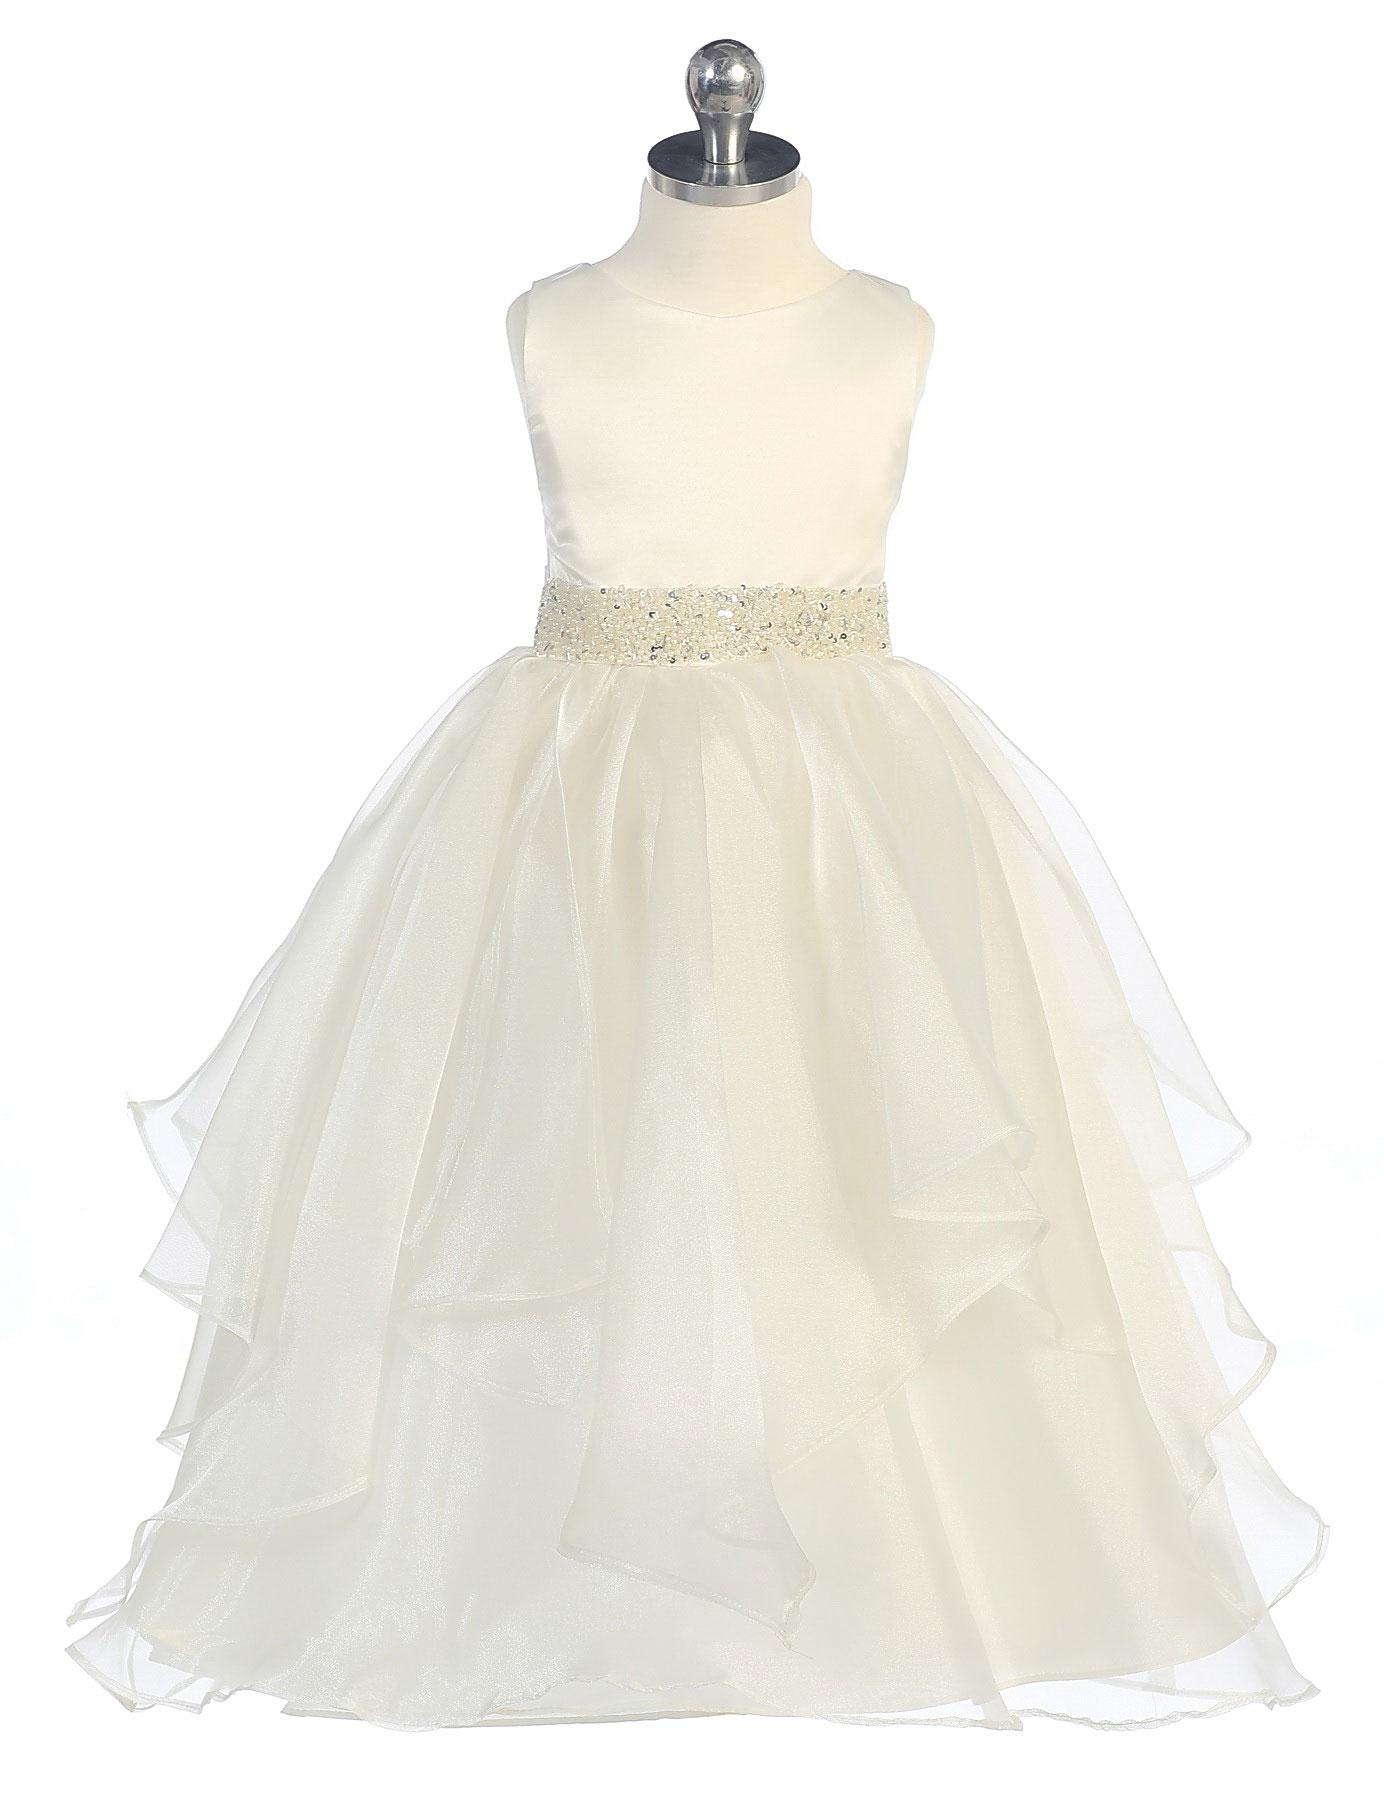 CB 0302IV Girls Dress Style 0302 IVORY Sleeveless Satin and Organza Layere